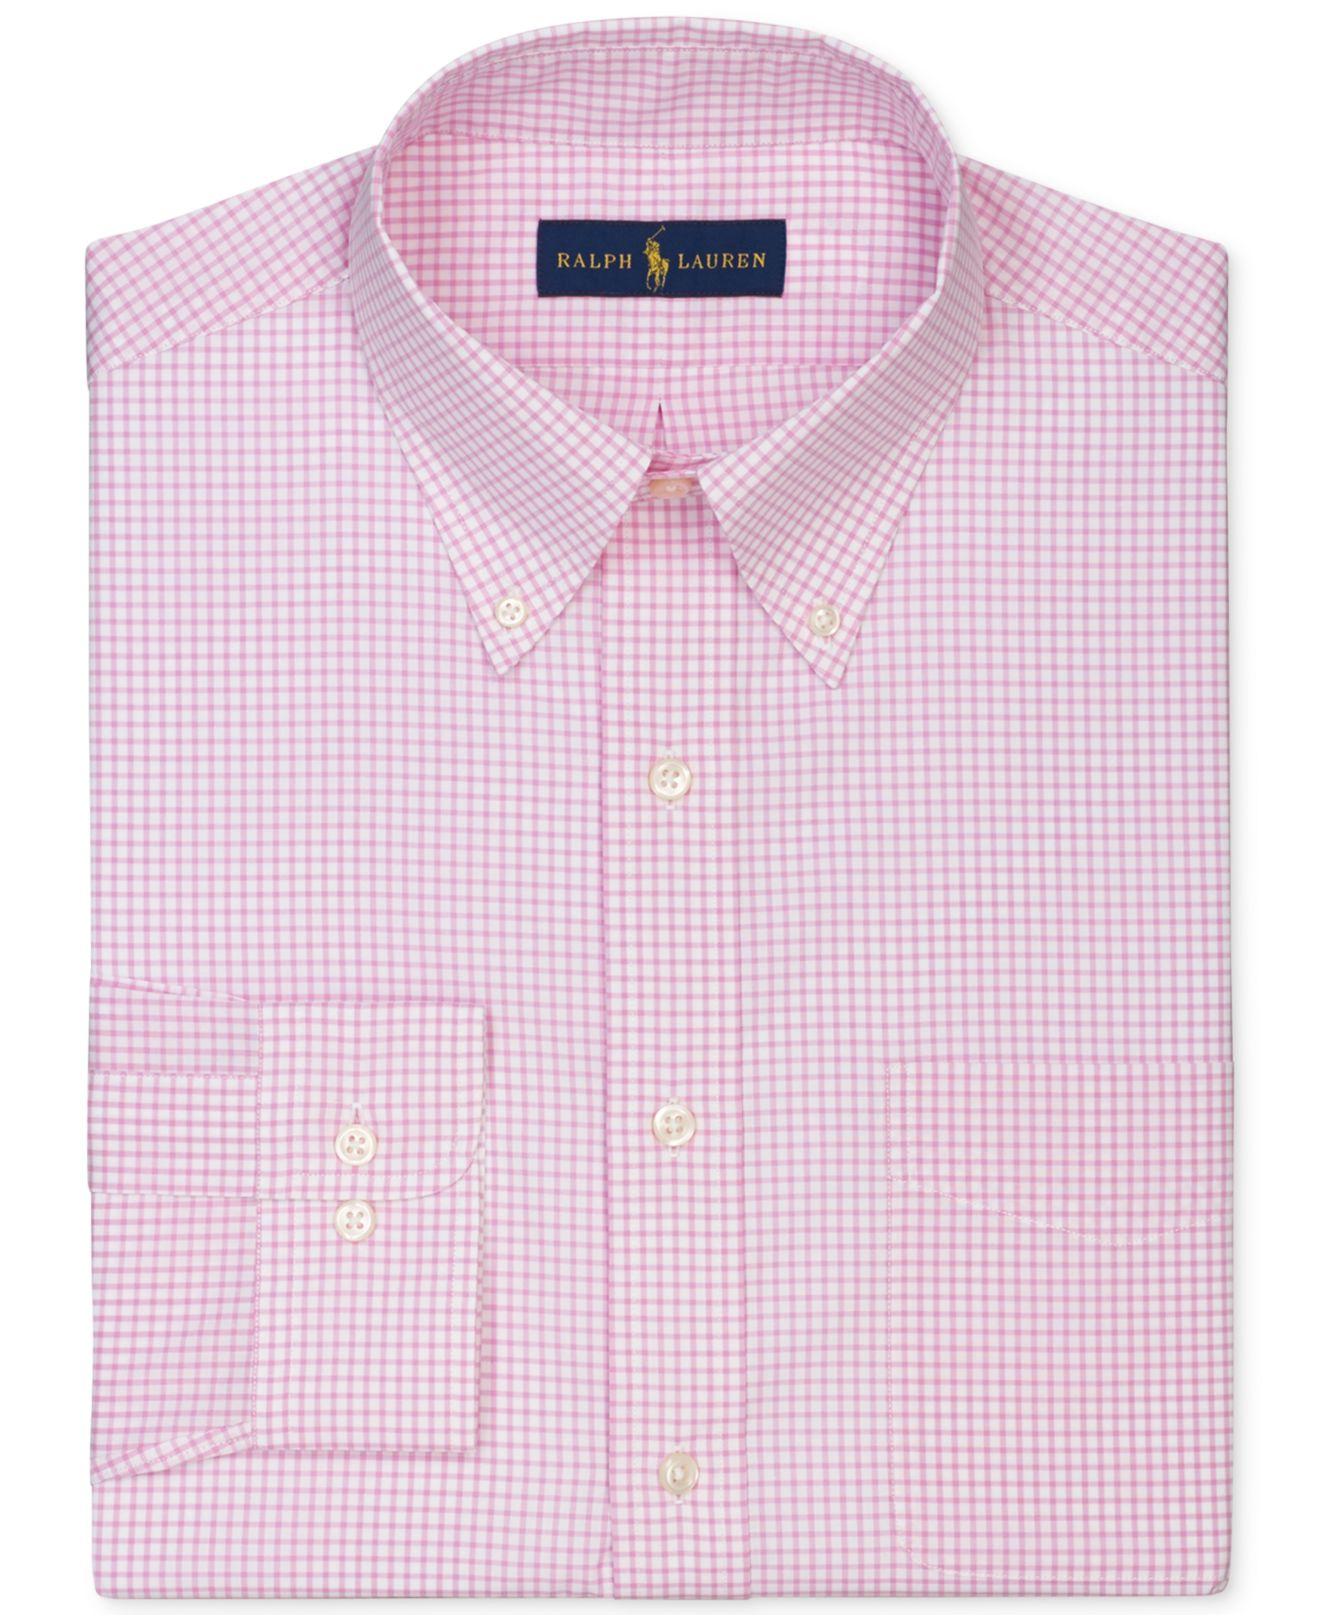 Polo ralph lauren gingham dress shirt in pink for men lyst for Men s red gingham dress shirt